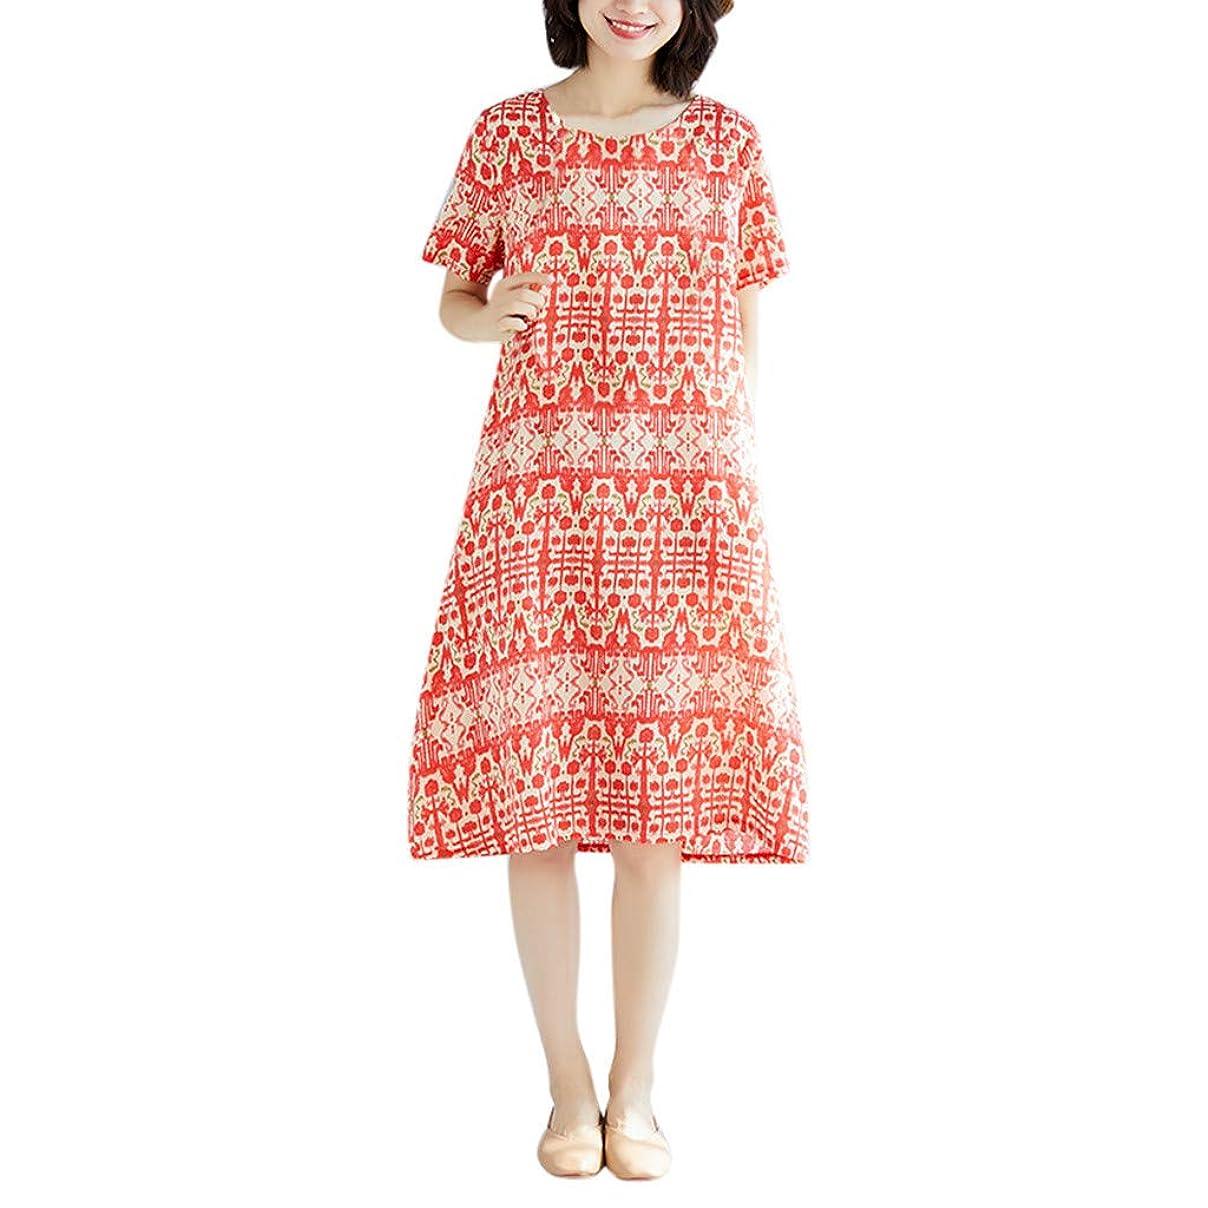 完璧な驚き警報ワンピース レディース Rexzo 個性 女性ウエア 綿麻ワンピース エレガント 体型カバー リネンワンピ 着やせ 着心地 ワンピース おしゃれ 優しい風合い ワンピース ナチュラル シンプル ドレス 日常 お出かけ